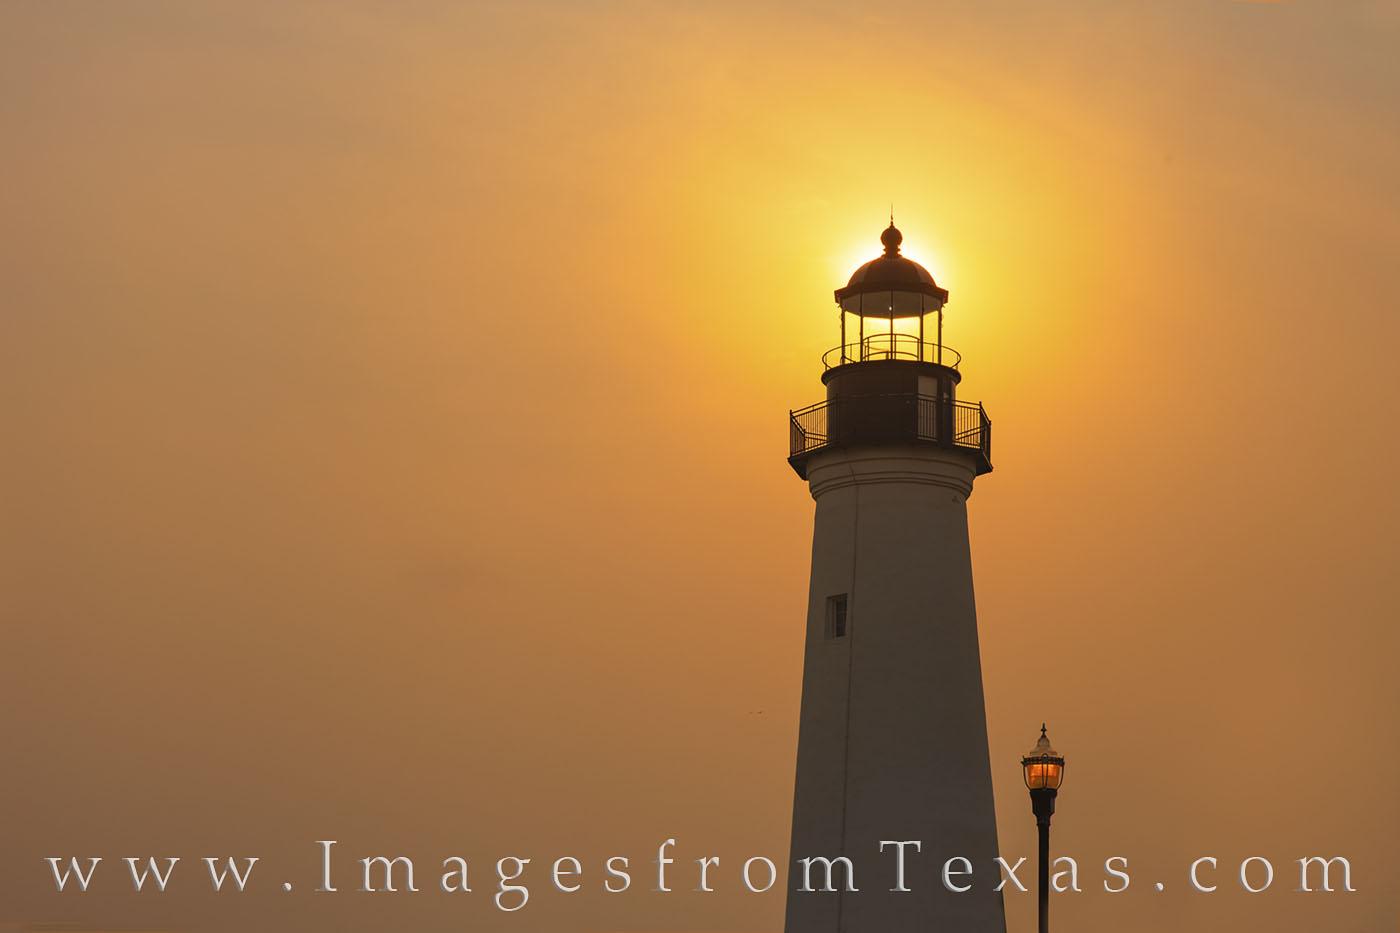 port isabel, lighthouse, sunrise, fog, orange, texas coast, historical, south padre, photo